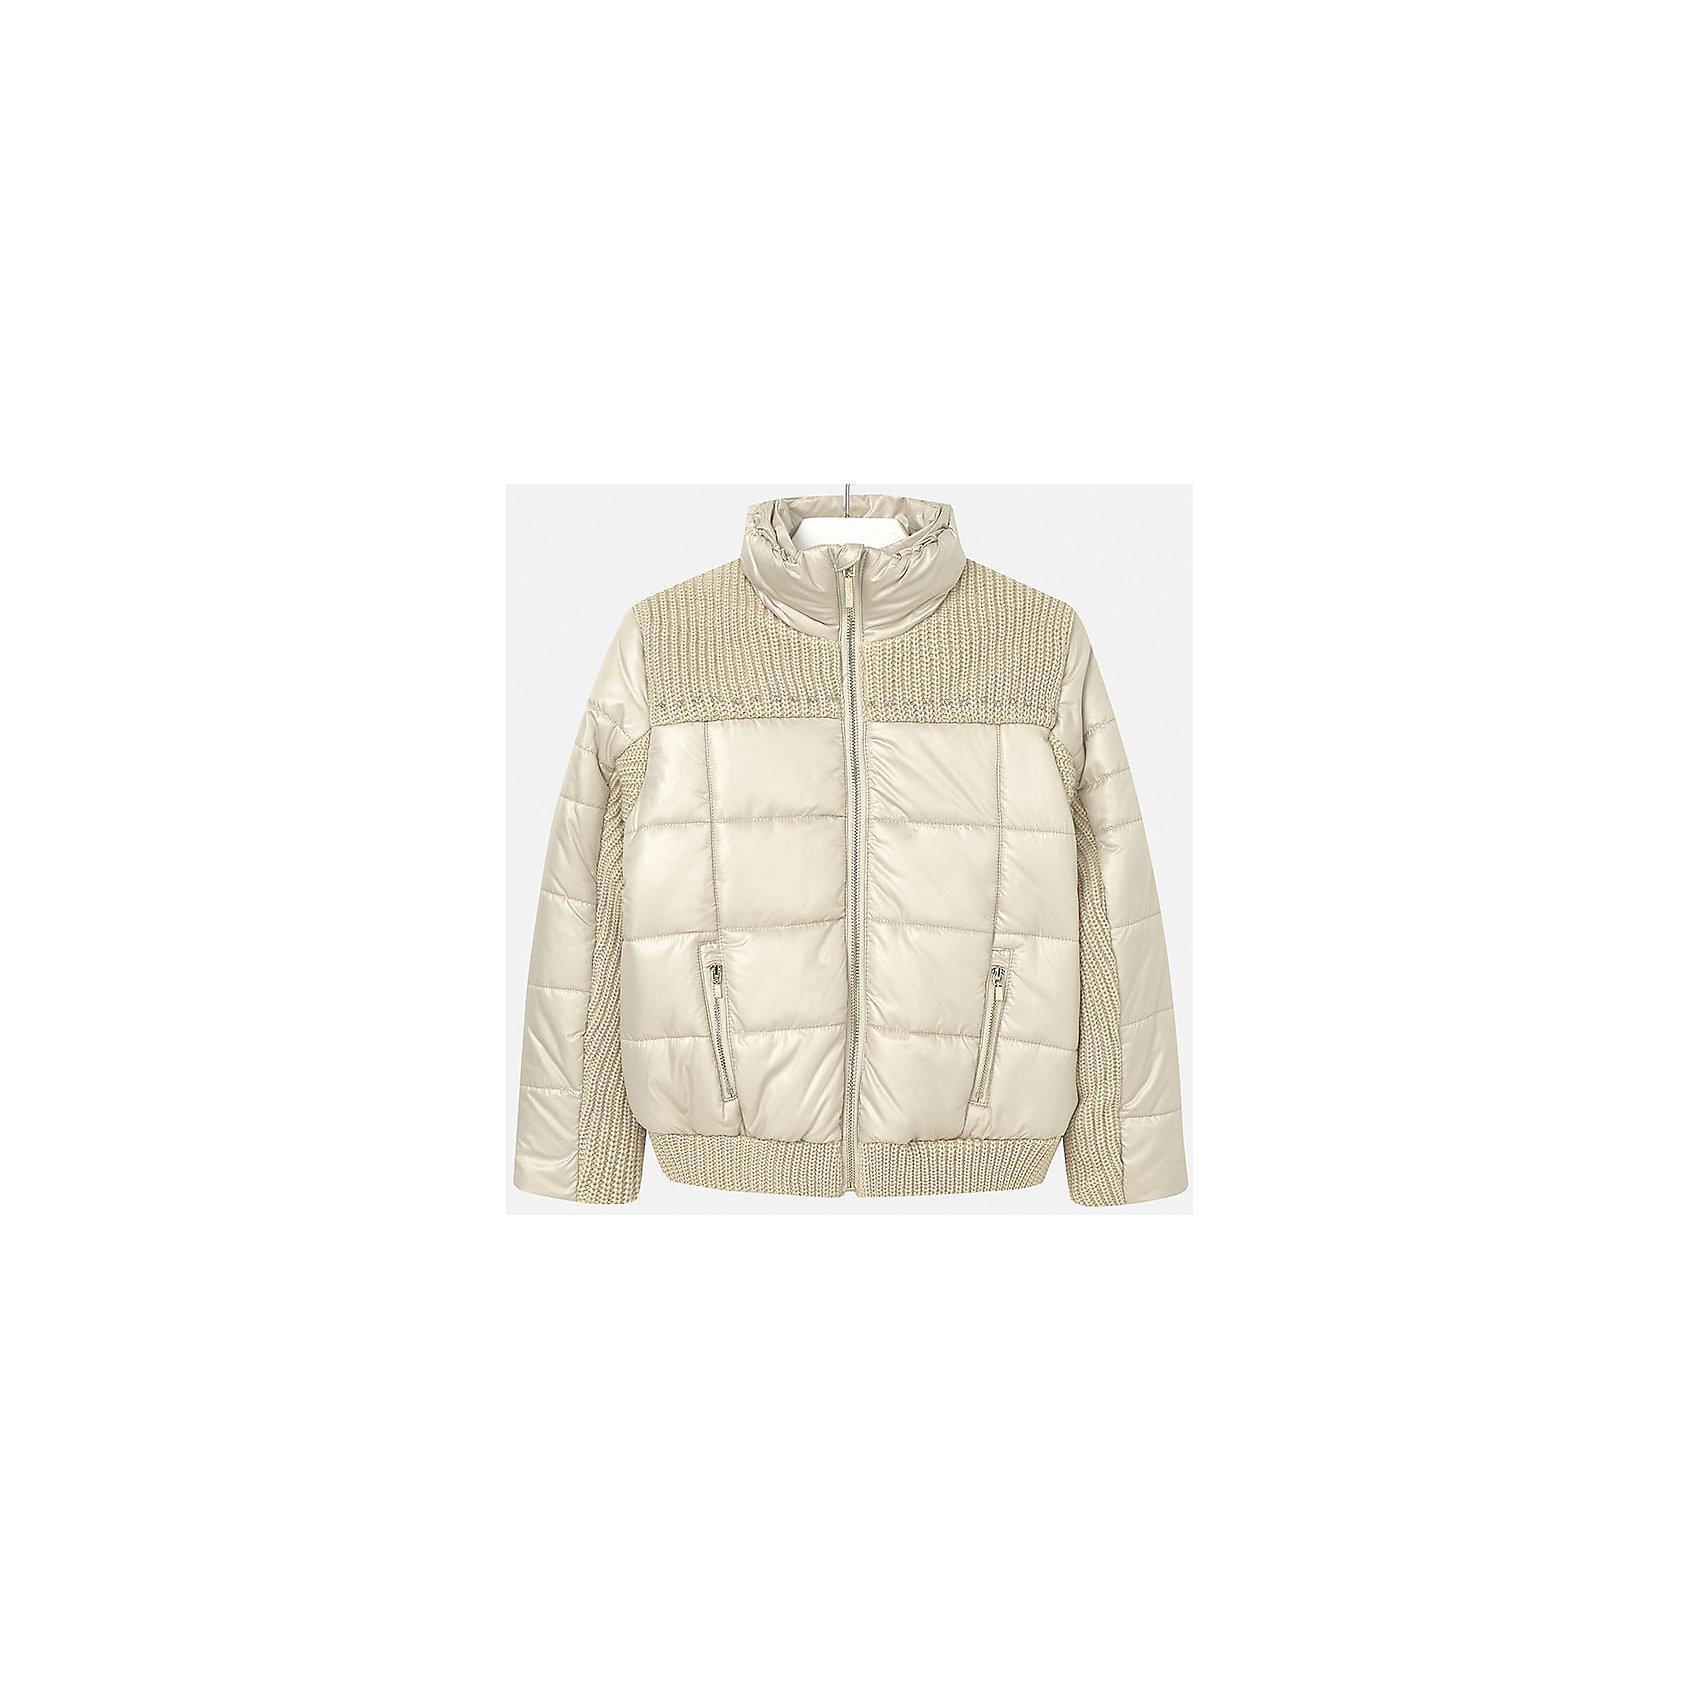 Куртка для девочки MayoralВерхняя одежда<br>Куртка для девочки от популярного испанского бренда Mayoral(Майорал). Изготовлена из материалов, способных сохранять тепло. Приятный дизайн с вязаными вставками. Модель застегивается на молнию, спереди есть два кармана. Такая курточка прекрасно подойдет к любой детали гардероба девочки!<br>Дополнительная информация:<br>-застегивается на молнию<br>-вязаные вставки на груди, рукавах и подоле<br>-цвет: золотой<br>-состав. 70% полиэстер, 30% акрил; подкладка: 100% полиэстер<br>Куртку Mayoral(Майорал) вы можете приобрести в нашем интернет-магазине.<br><br>Ширина мм: 356<br>Глубина мм: 10<br>Высота мм: 245<br>Вес г: 519<br>Цвет: желтый<br>Возраст от месяцев: 96<br>Возраст до месяцев: 108<br>Пол: Женский<br>Возраст: Детский<br>Размер: 128/134,146/152,152/158,164/170,134/140,158/164<br>SKU: 4847311